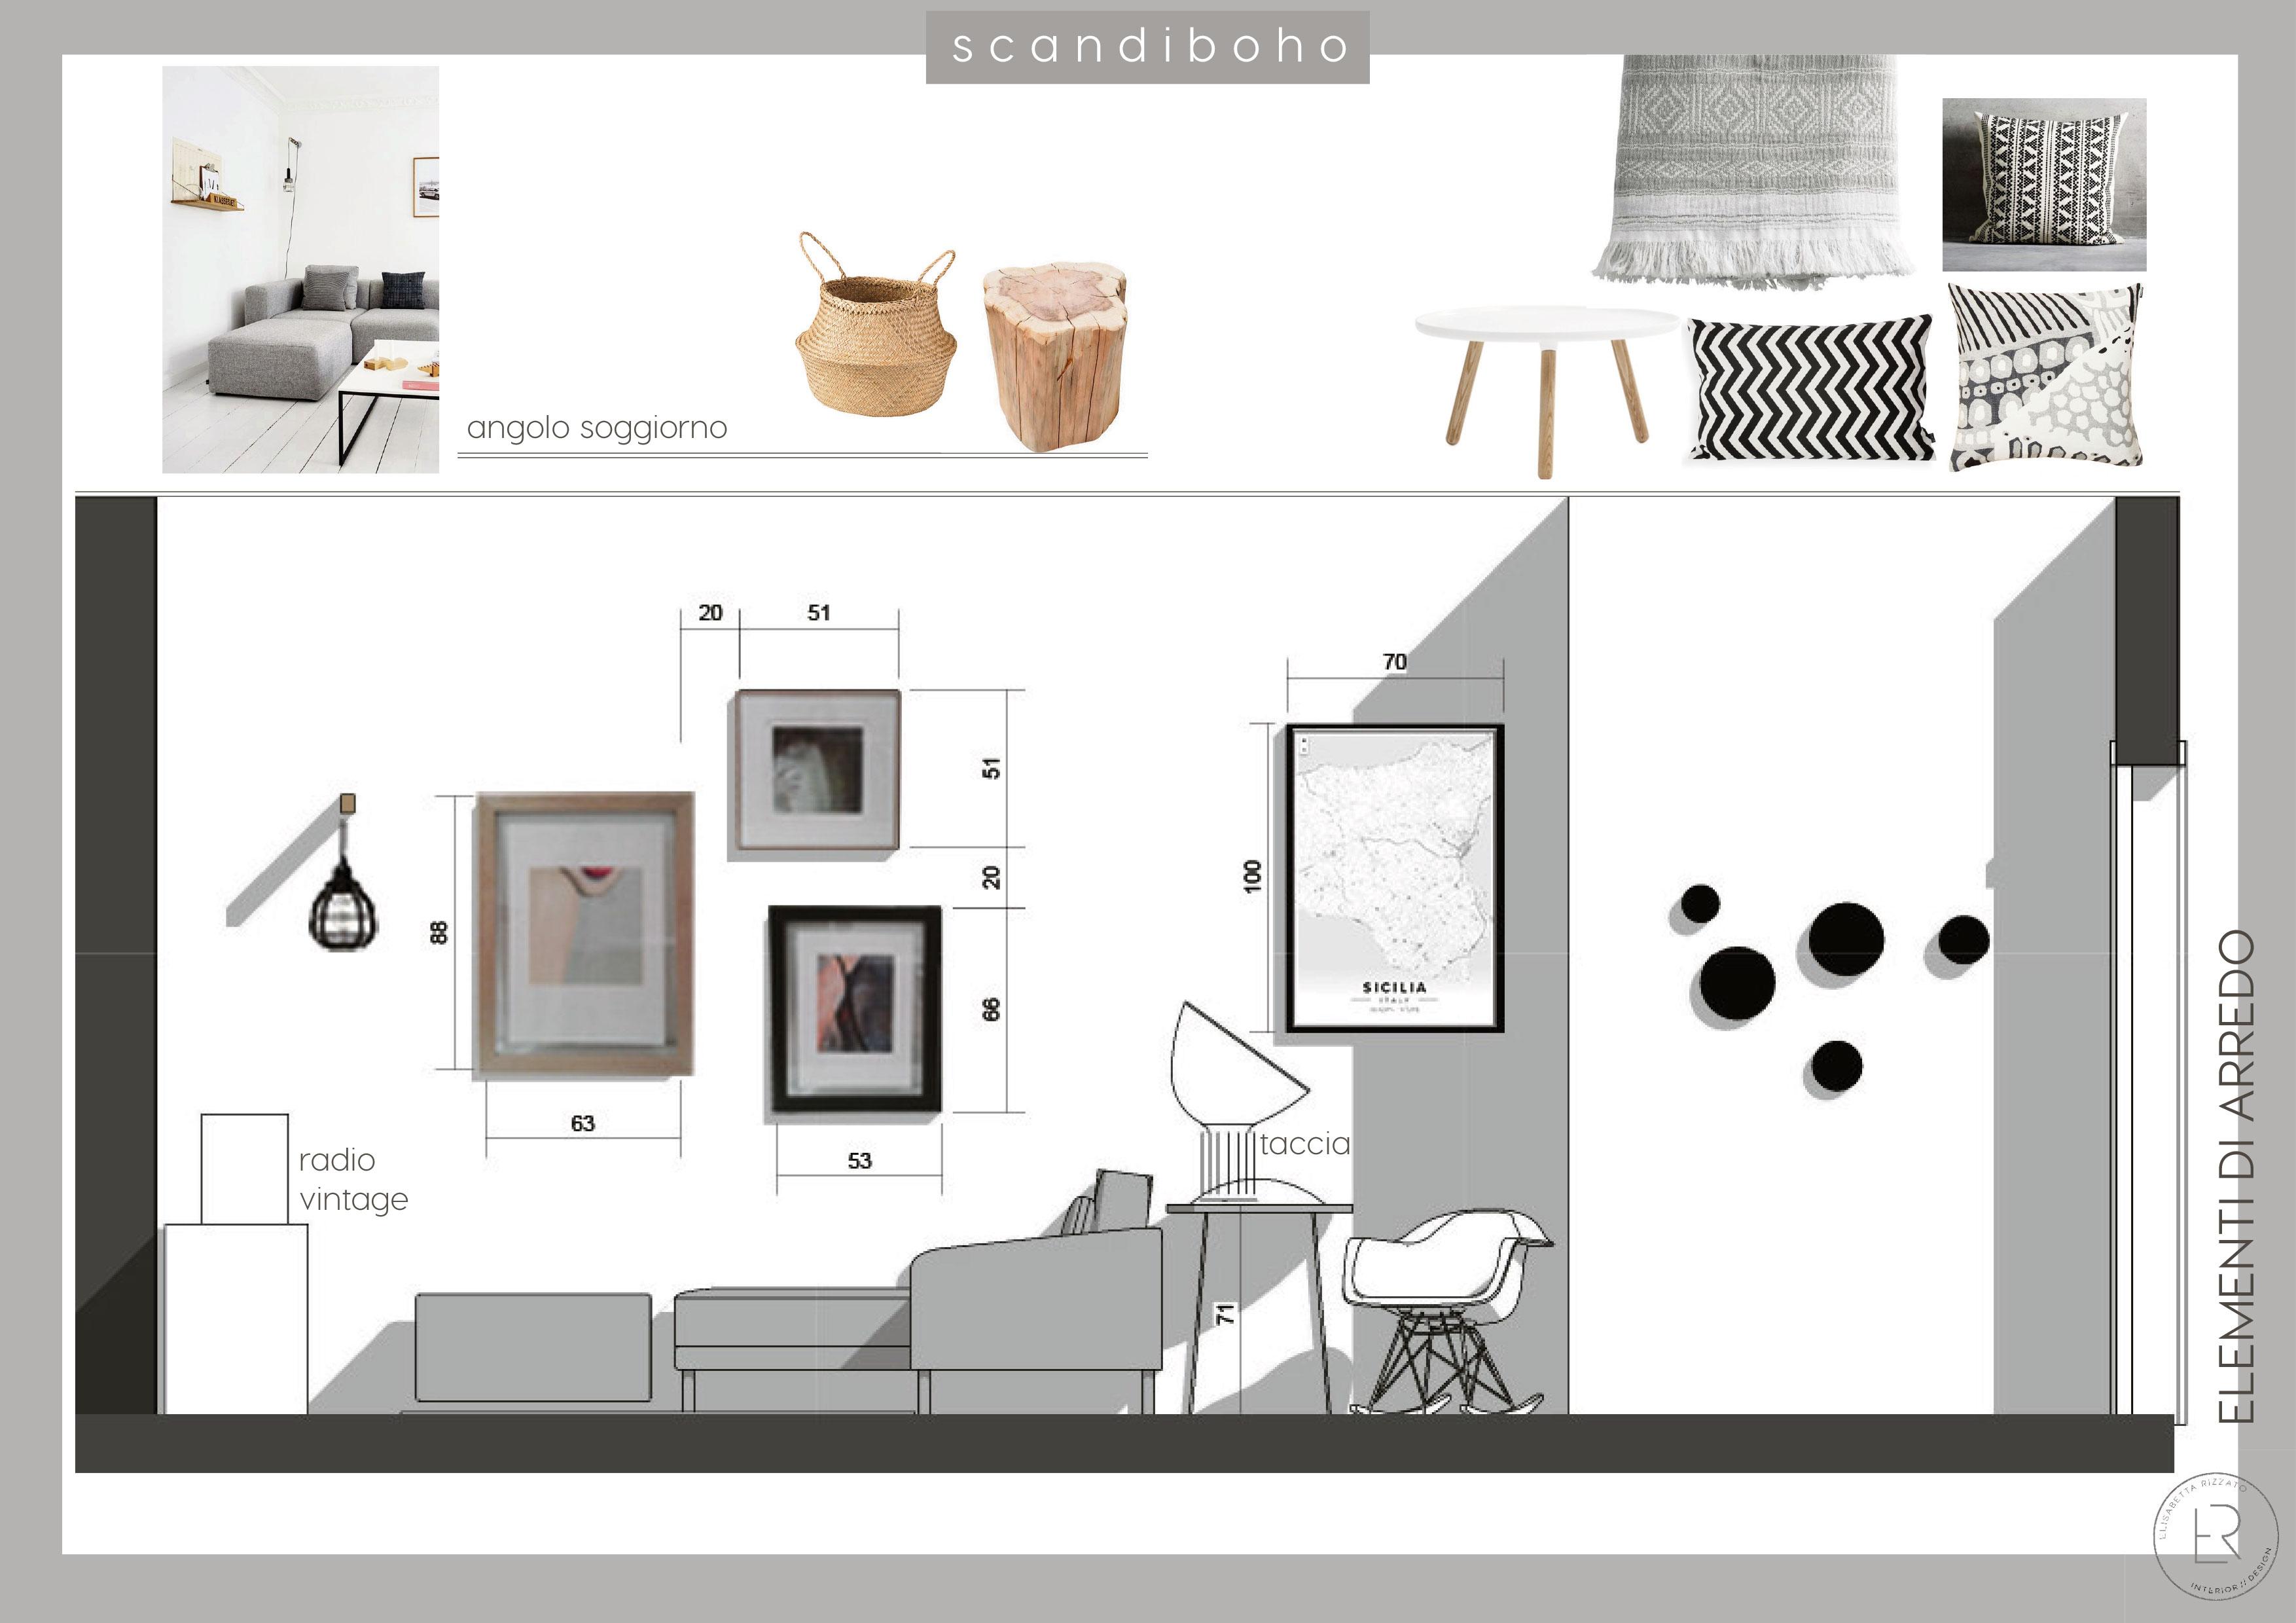 restyling-soggiorno-stile-scandinavo-progettazione-online-6 ER ...